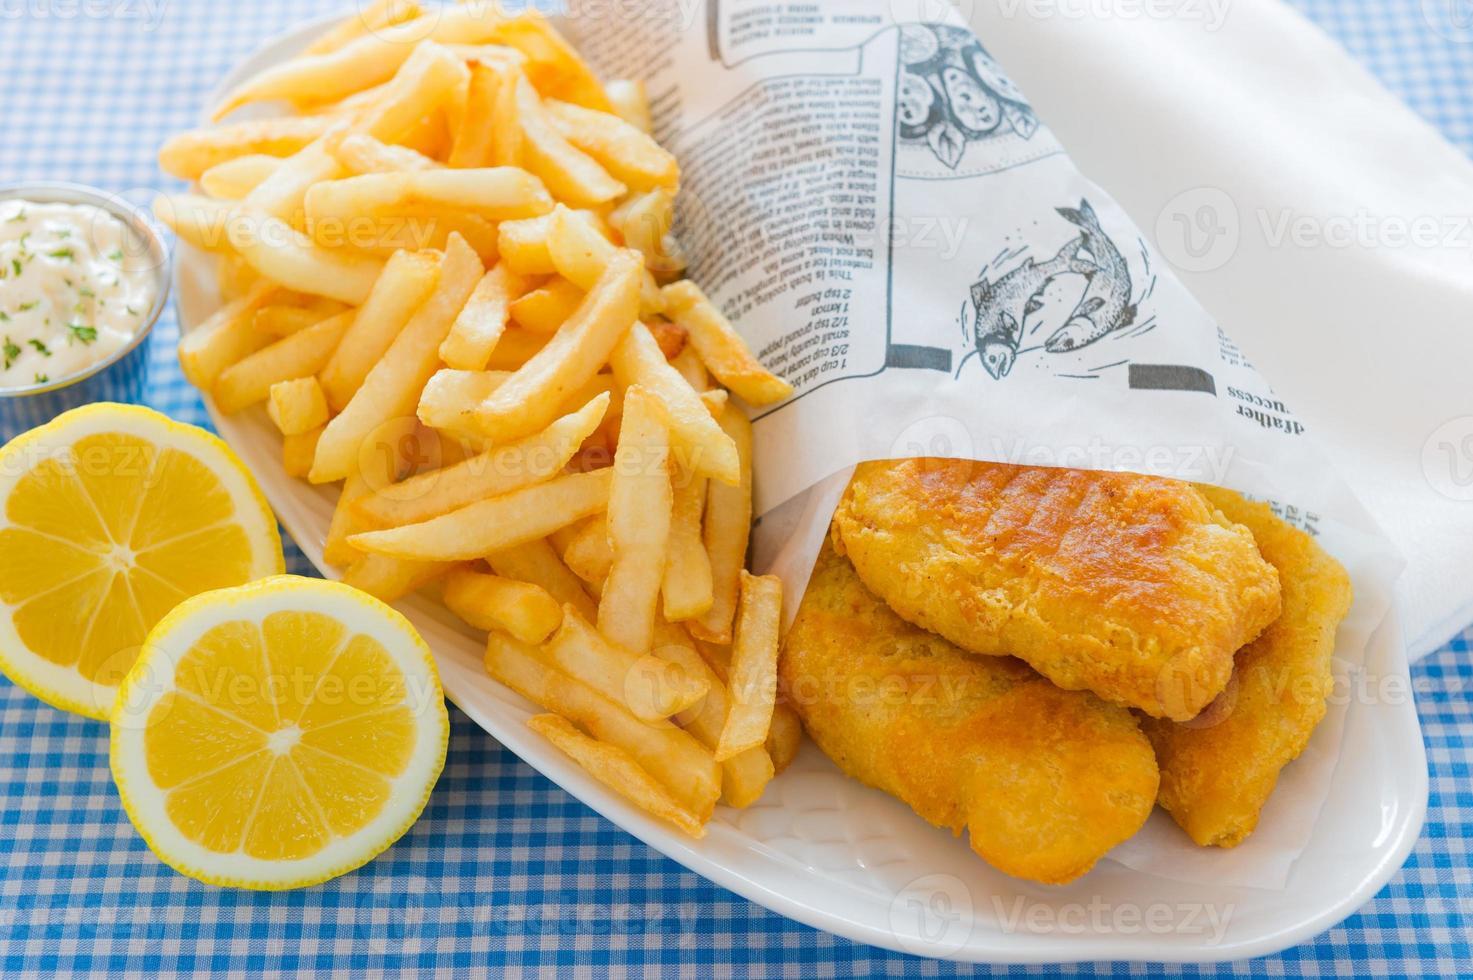 porção de peixe e batatas fritas servidas com limão foto